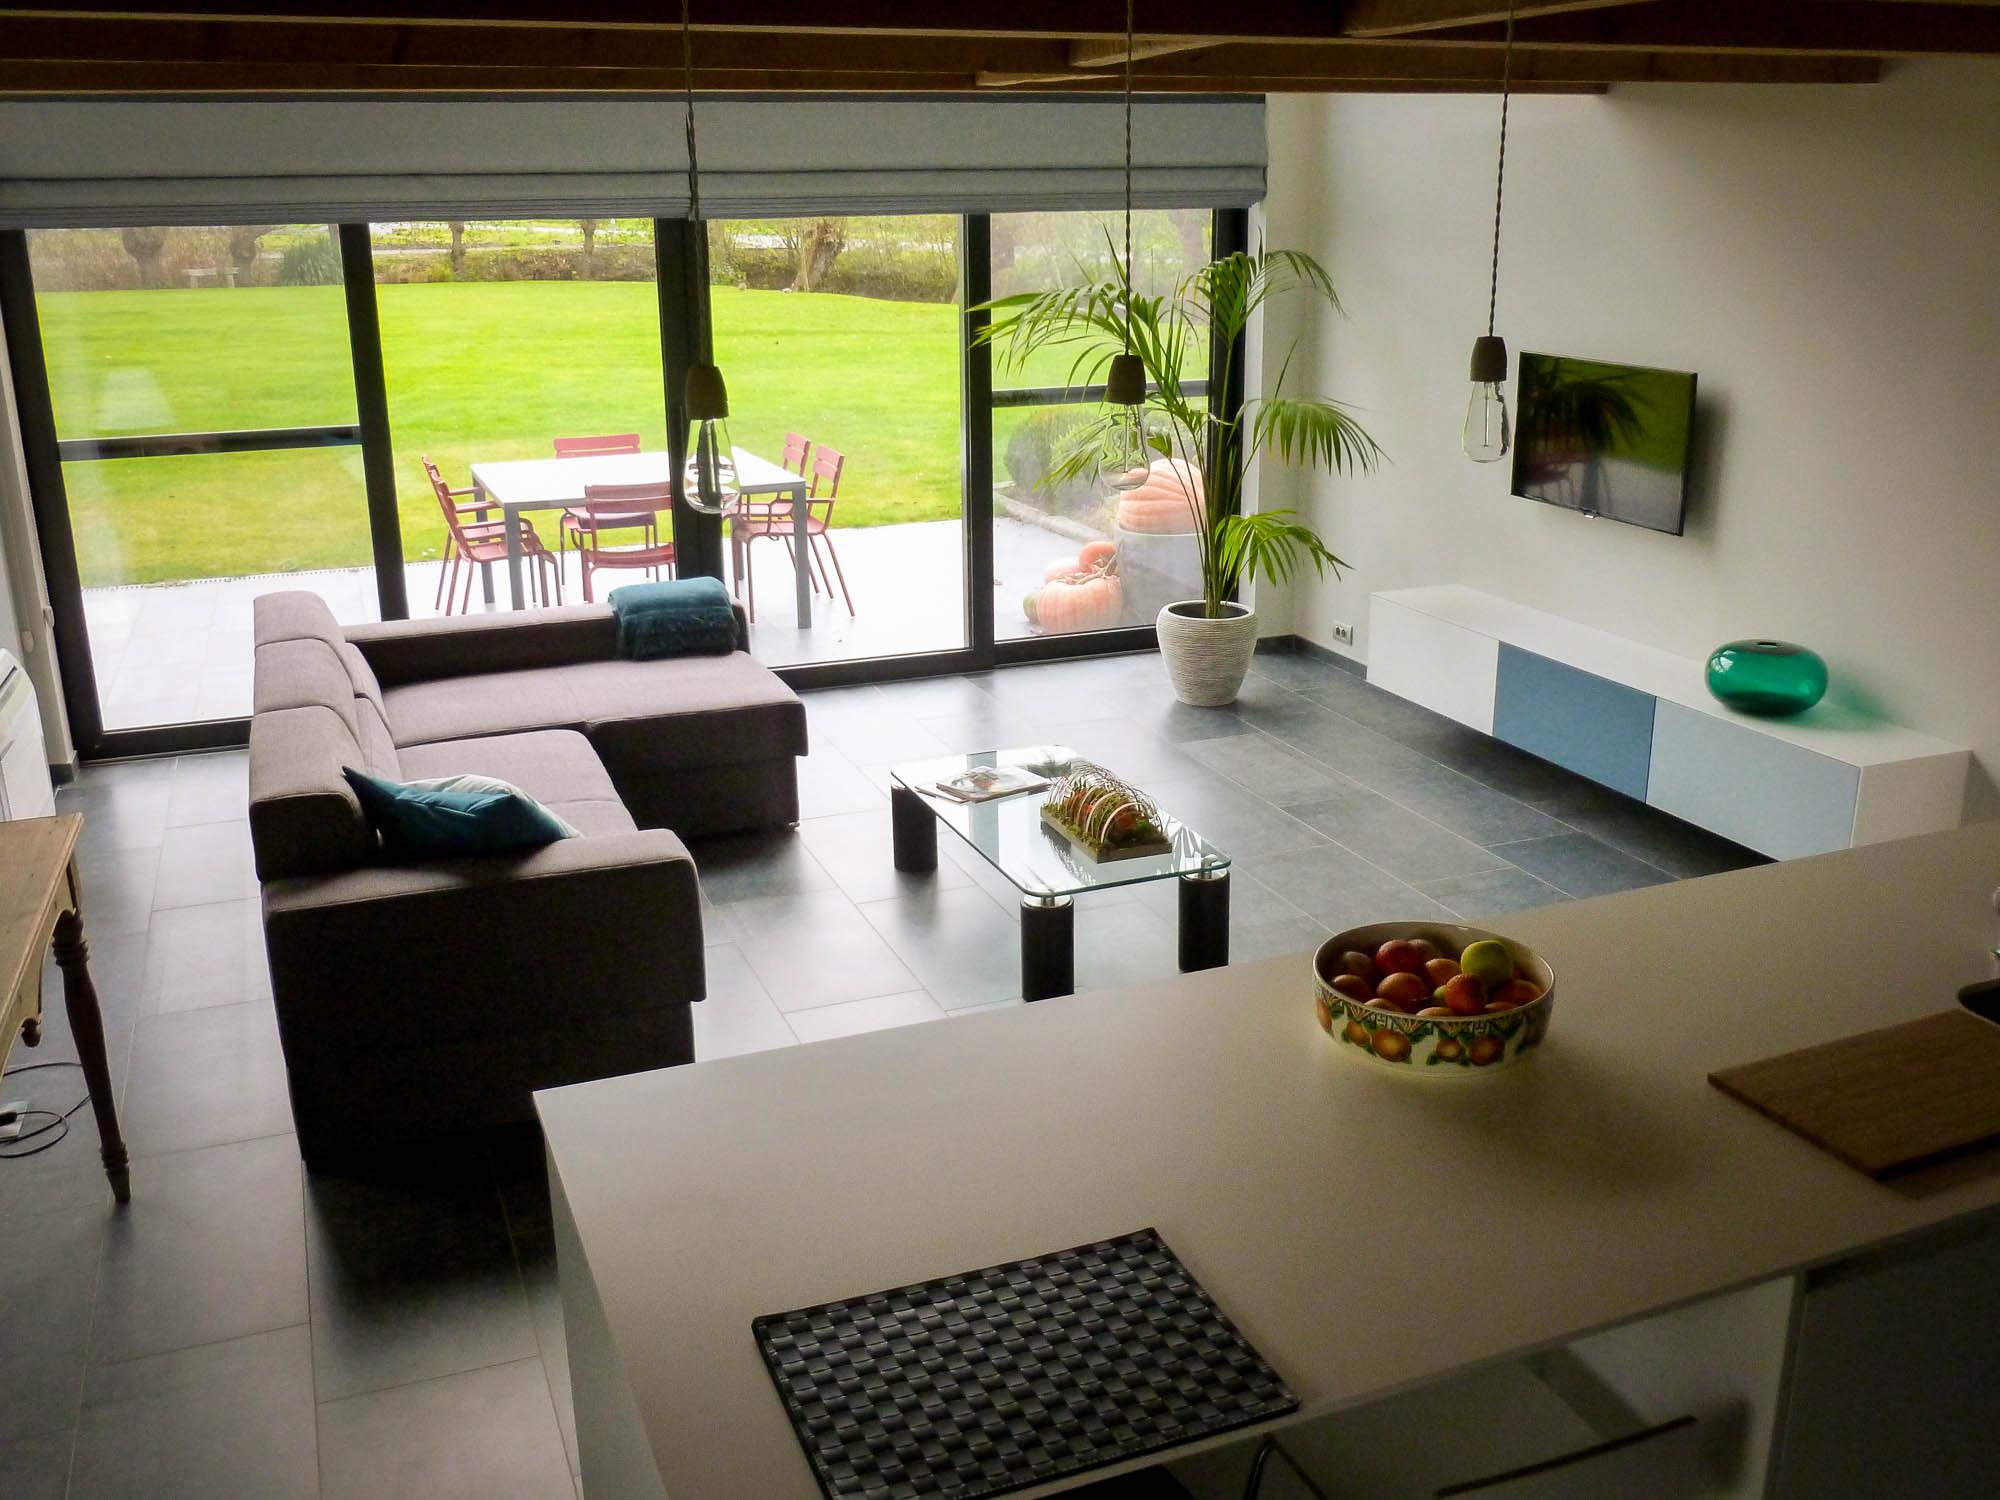 Moderne keukens gent beste inspiratie voor huis ontwerp - Keuken open concept ...